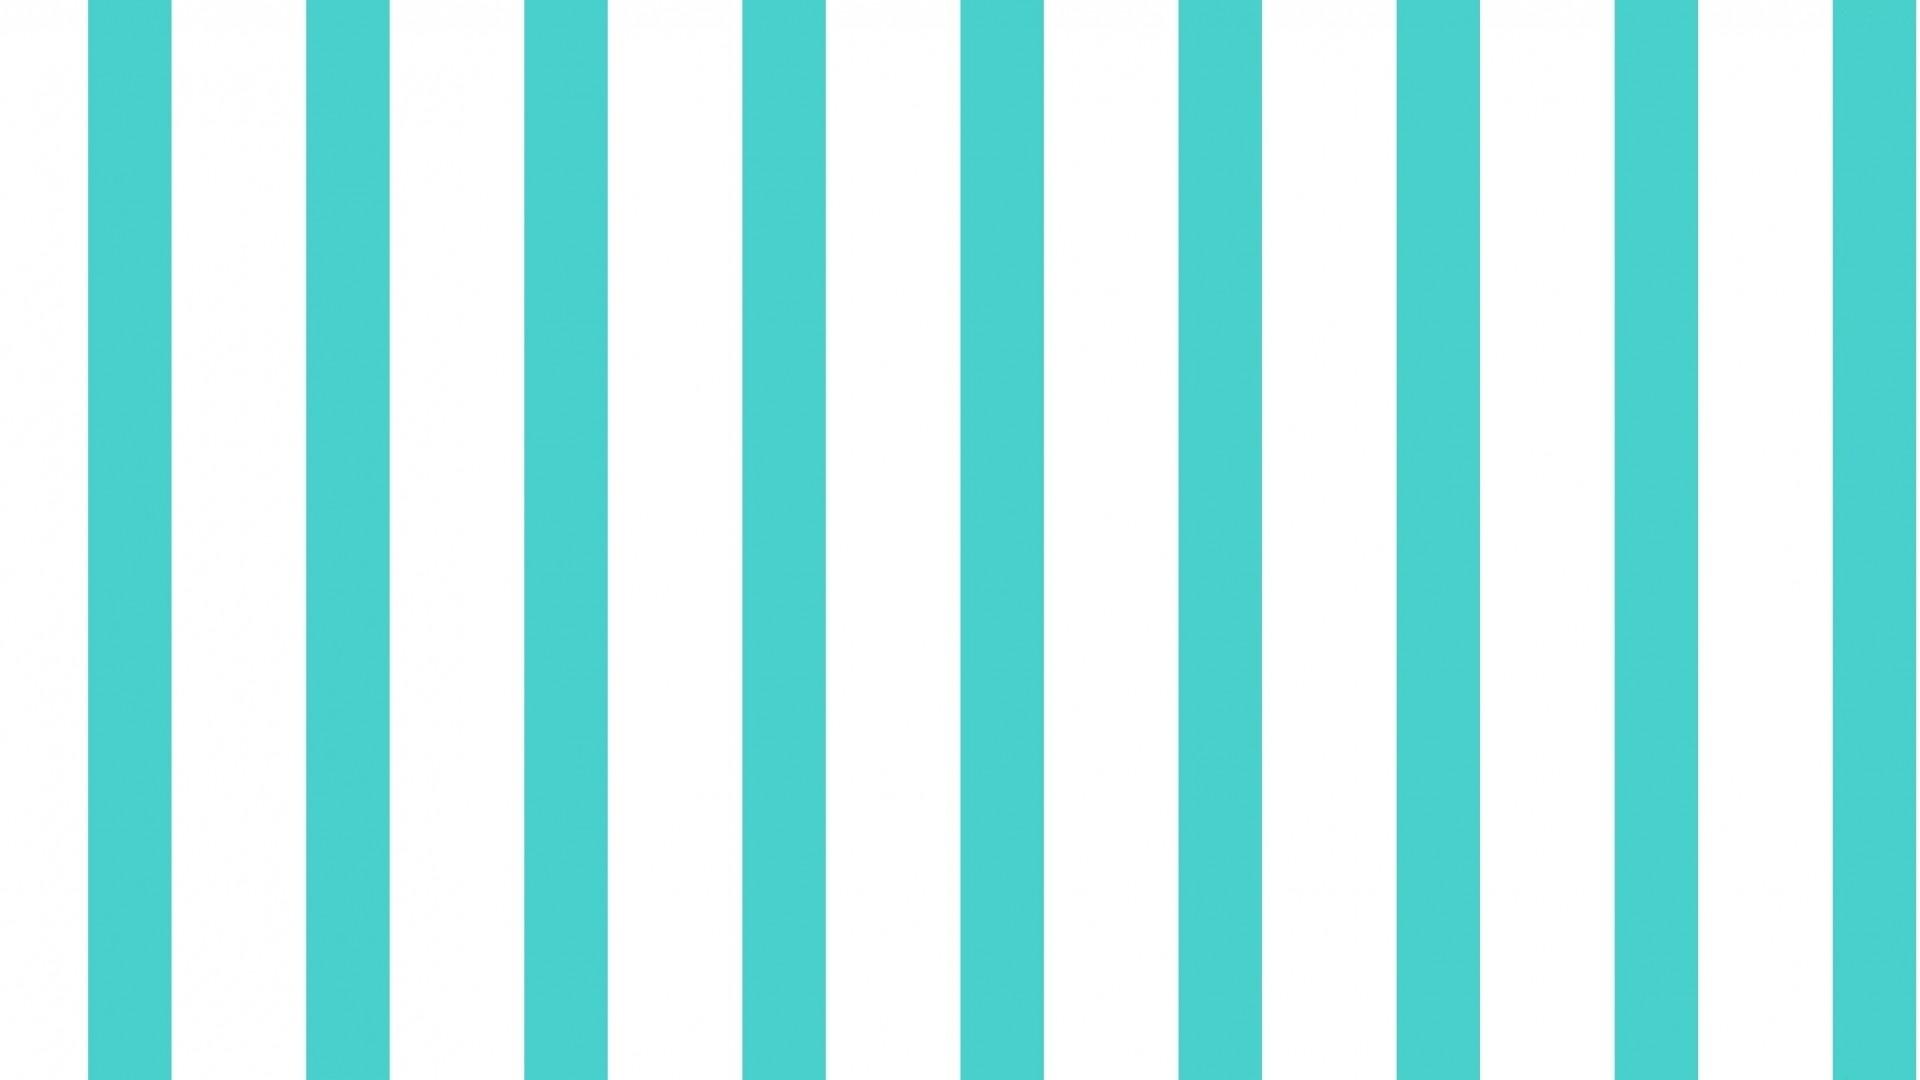 сине-белые полосы бесплатно